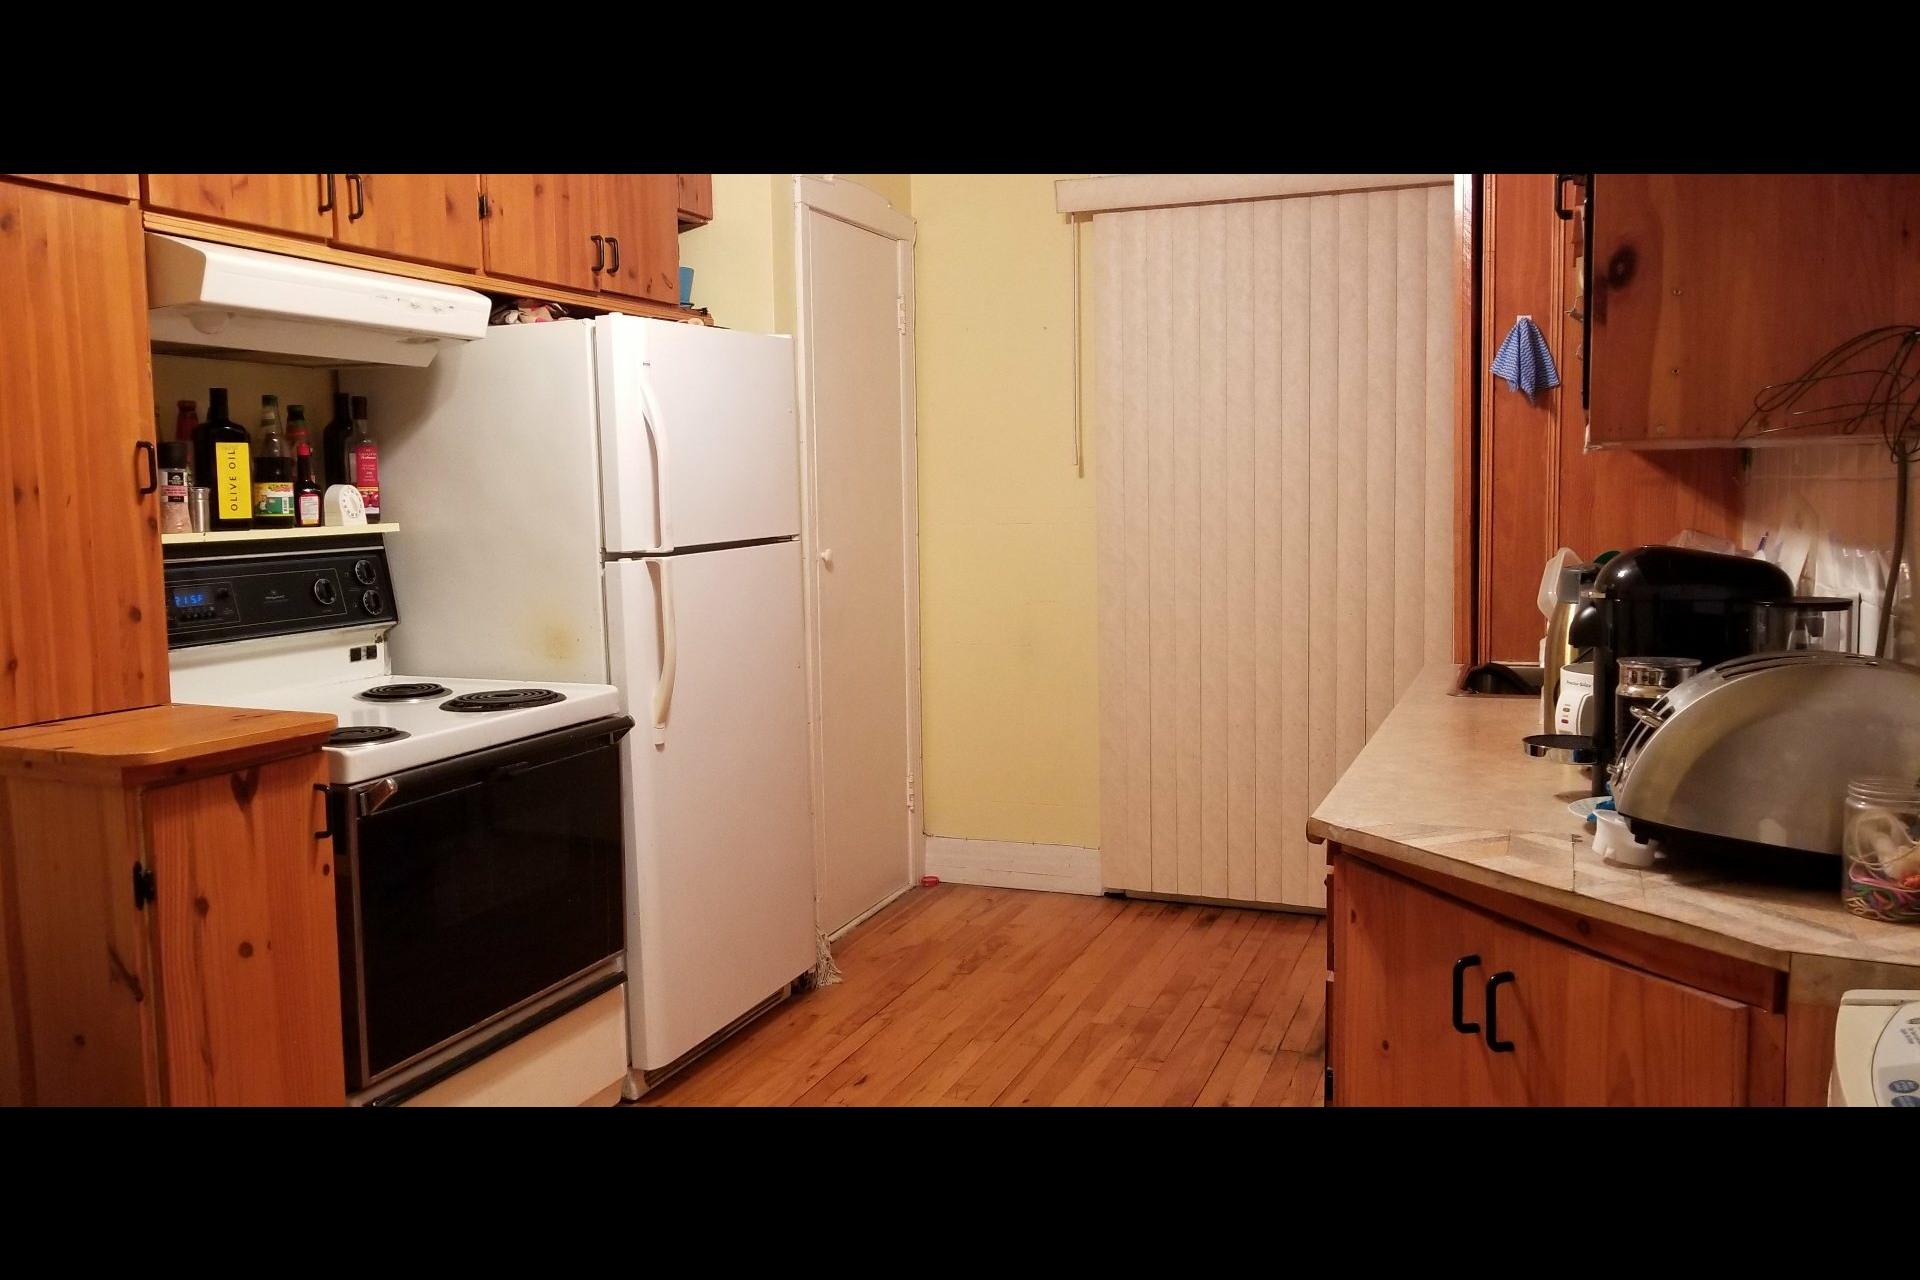 image 4 - Duplex À vendre Villeray/Saint-Michel/Parc-Extension Montréal  - 5 pièces